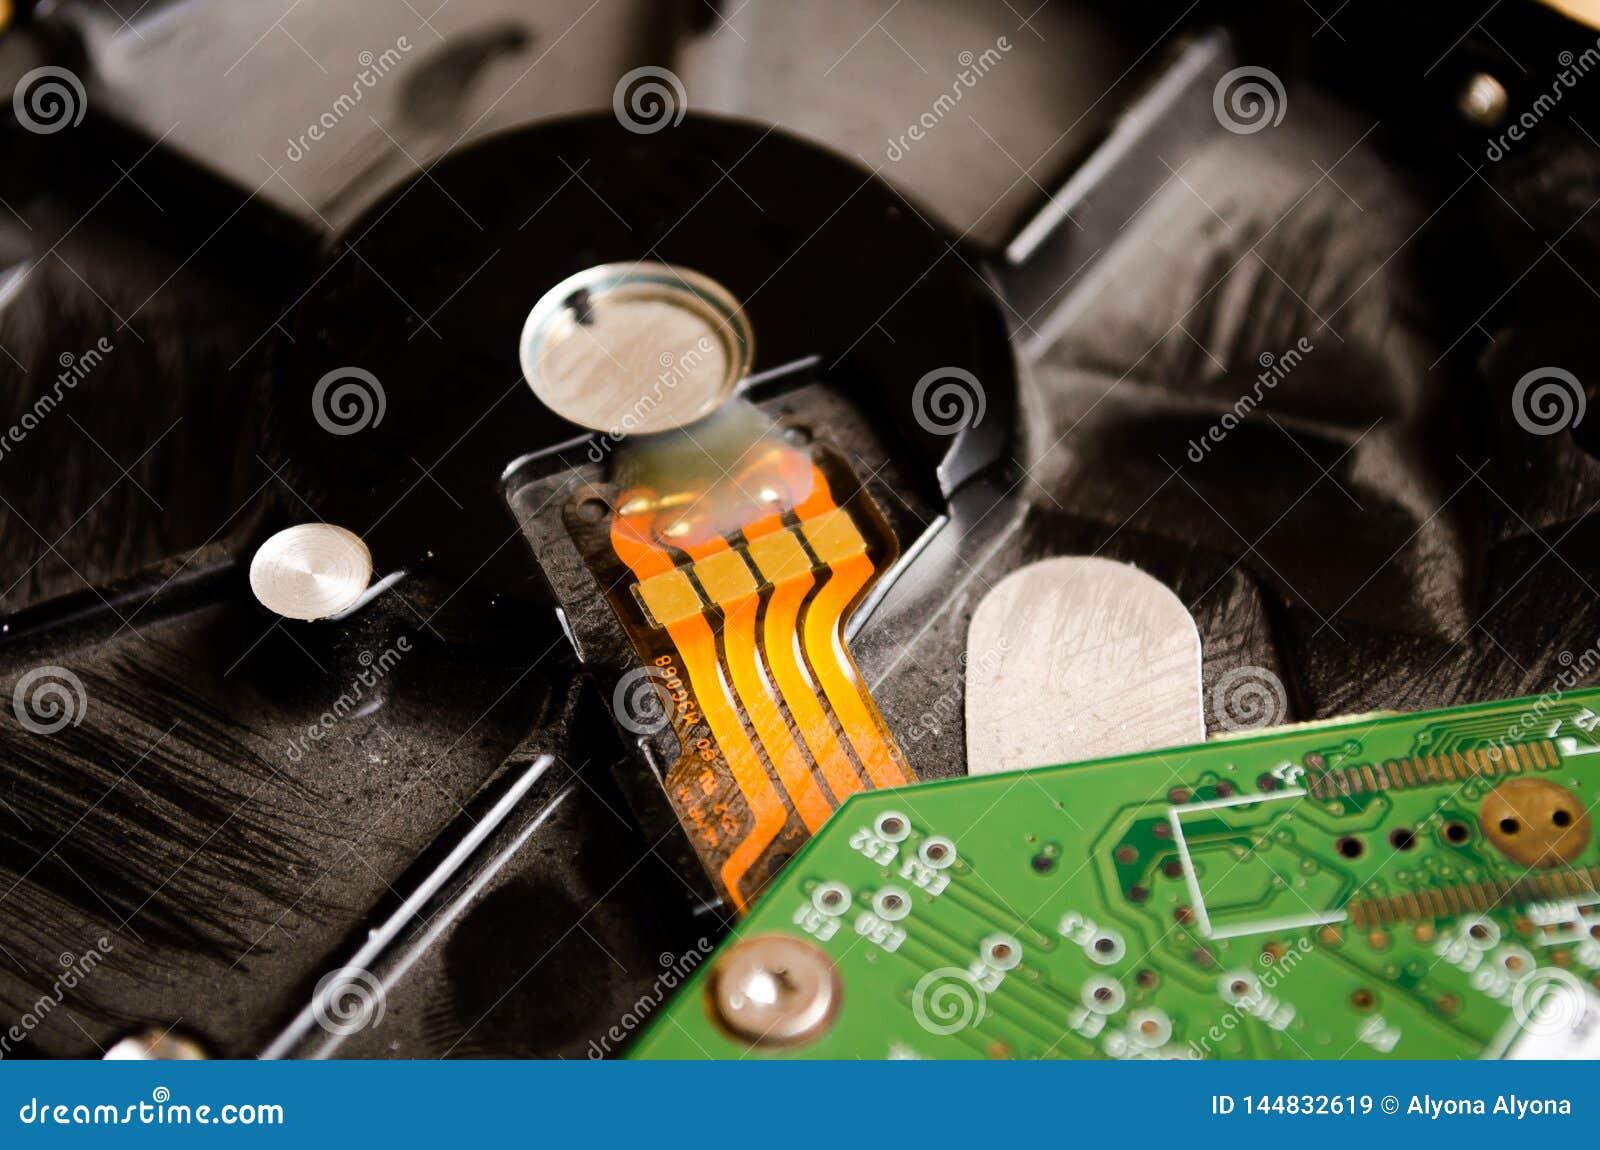 HDD IT-Technologien E Kabel auf dem Brett Abstrakter Hintergrund im Sepiaton Computer-Komponenten r